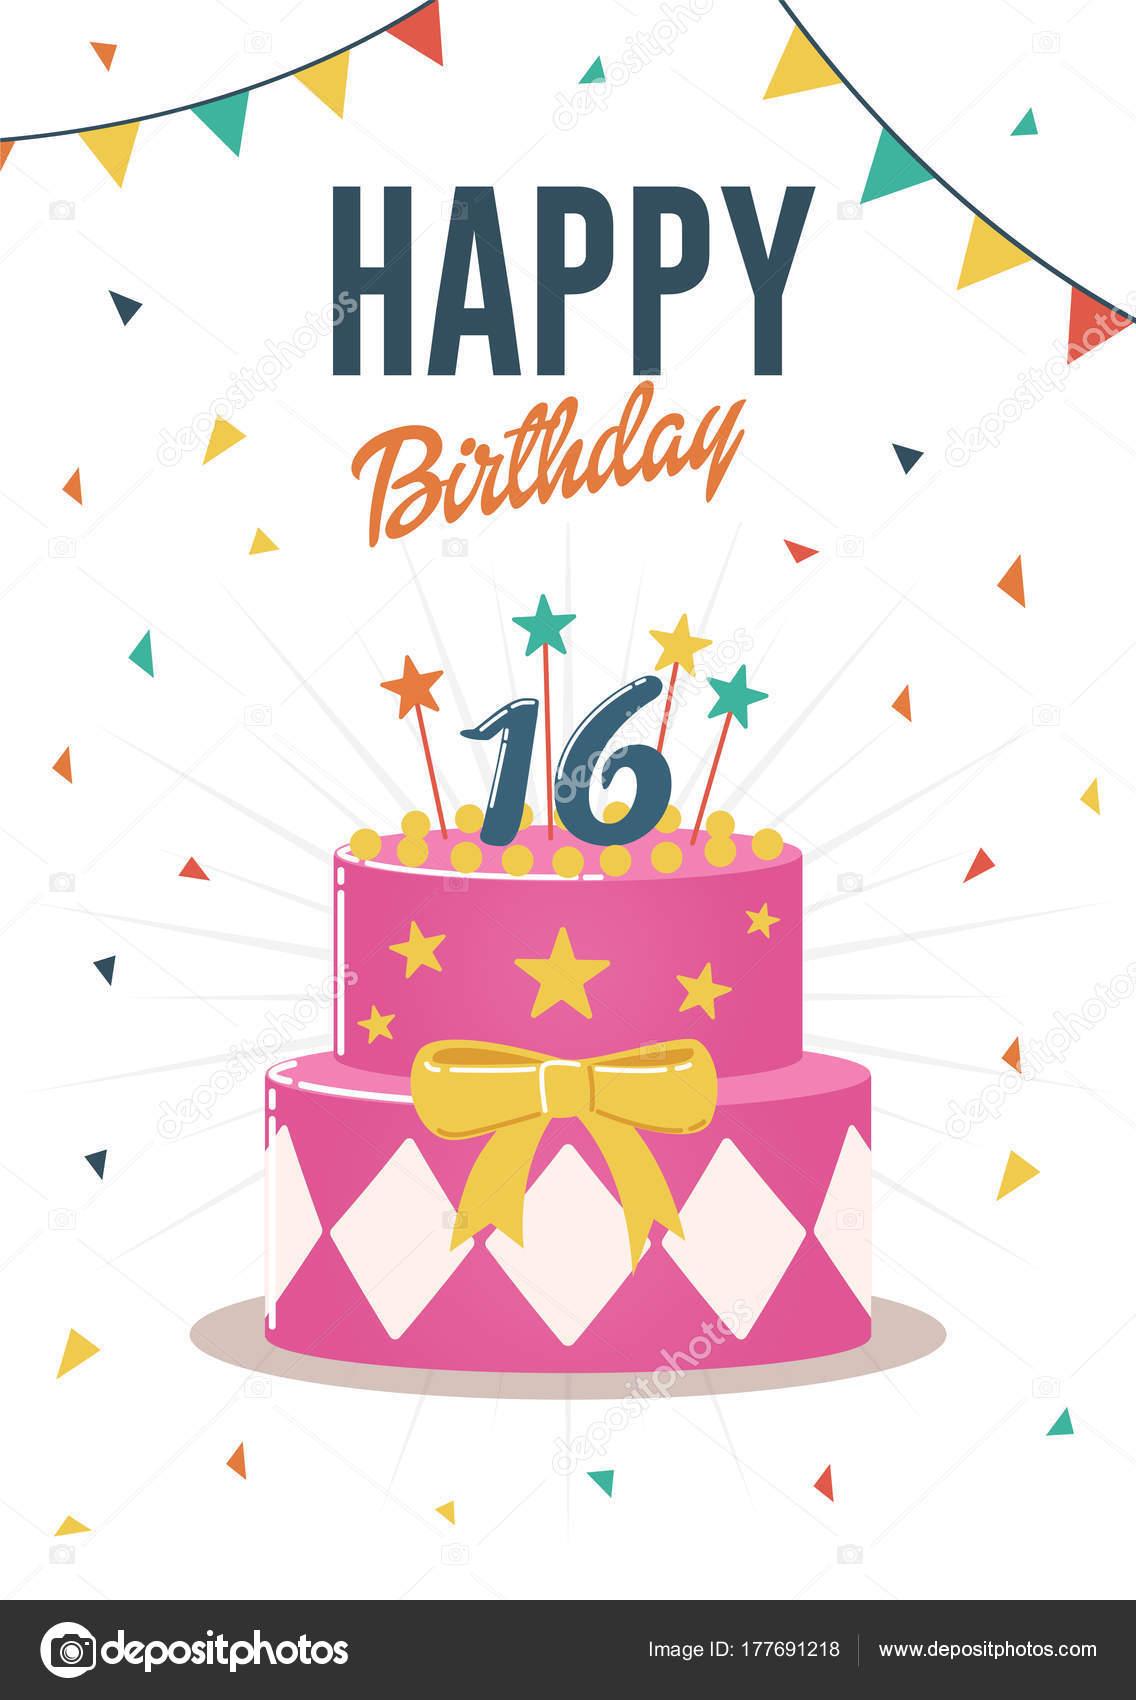 甘い誕生日挨拶と招待状カード バースデー ケーキのイラスト ストック